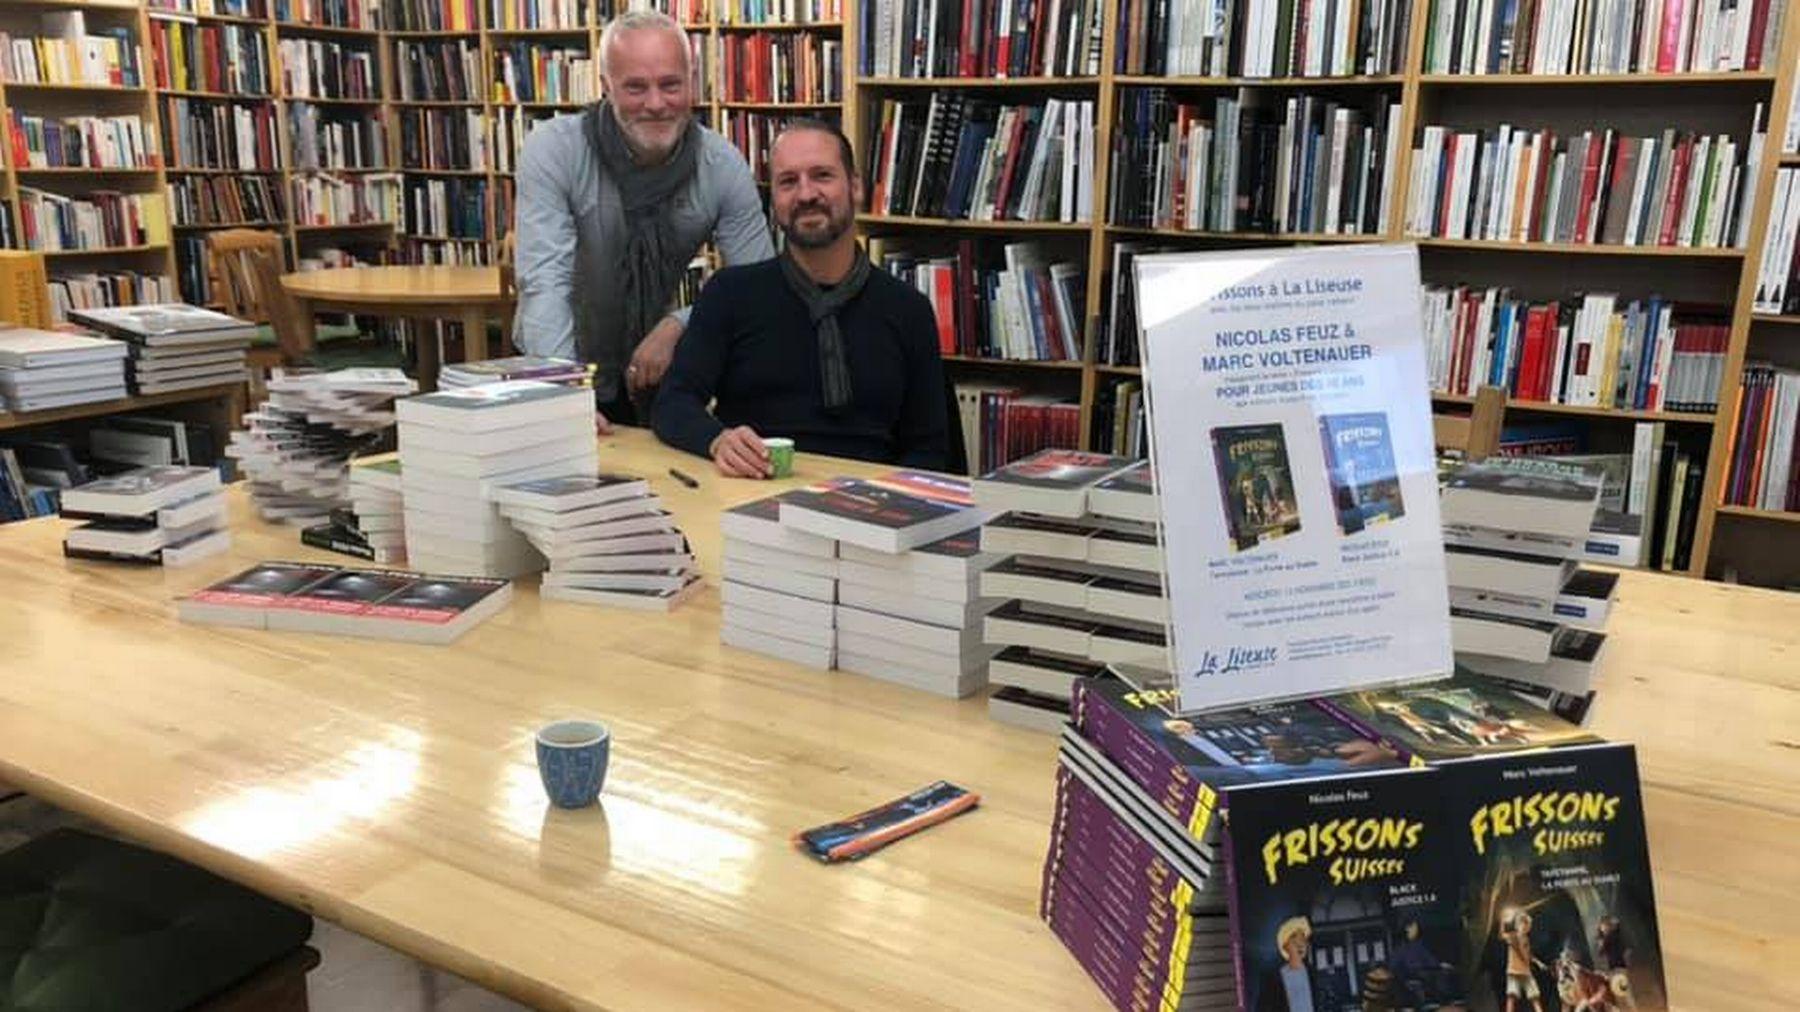 Marc Voltenauer et Nicolas Feuz en dédicace à la librairie La Liseuse à Sion.